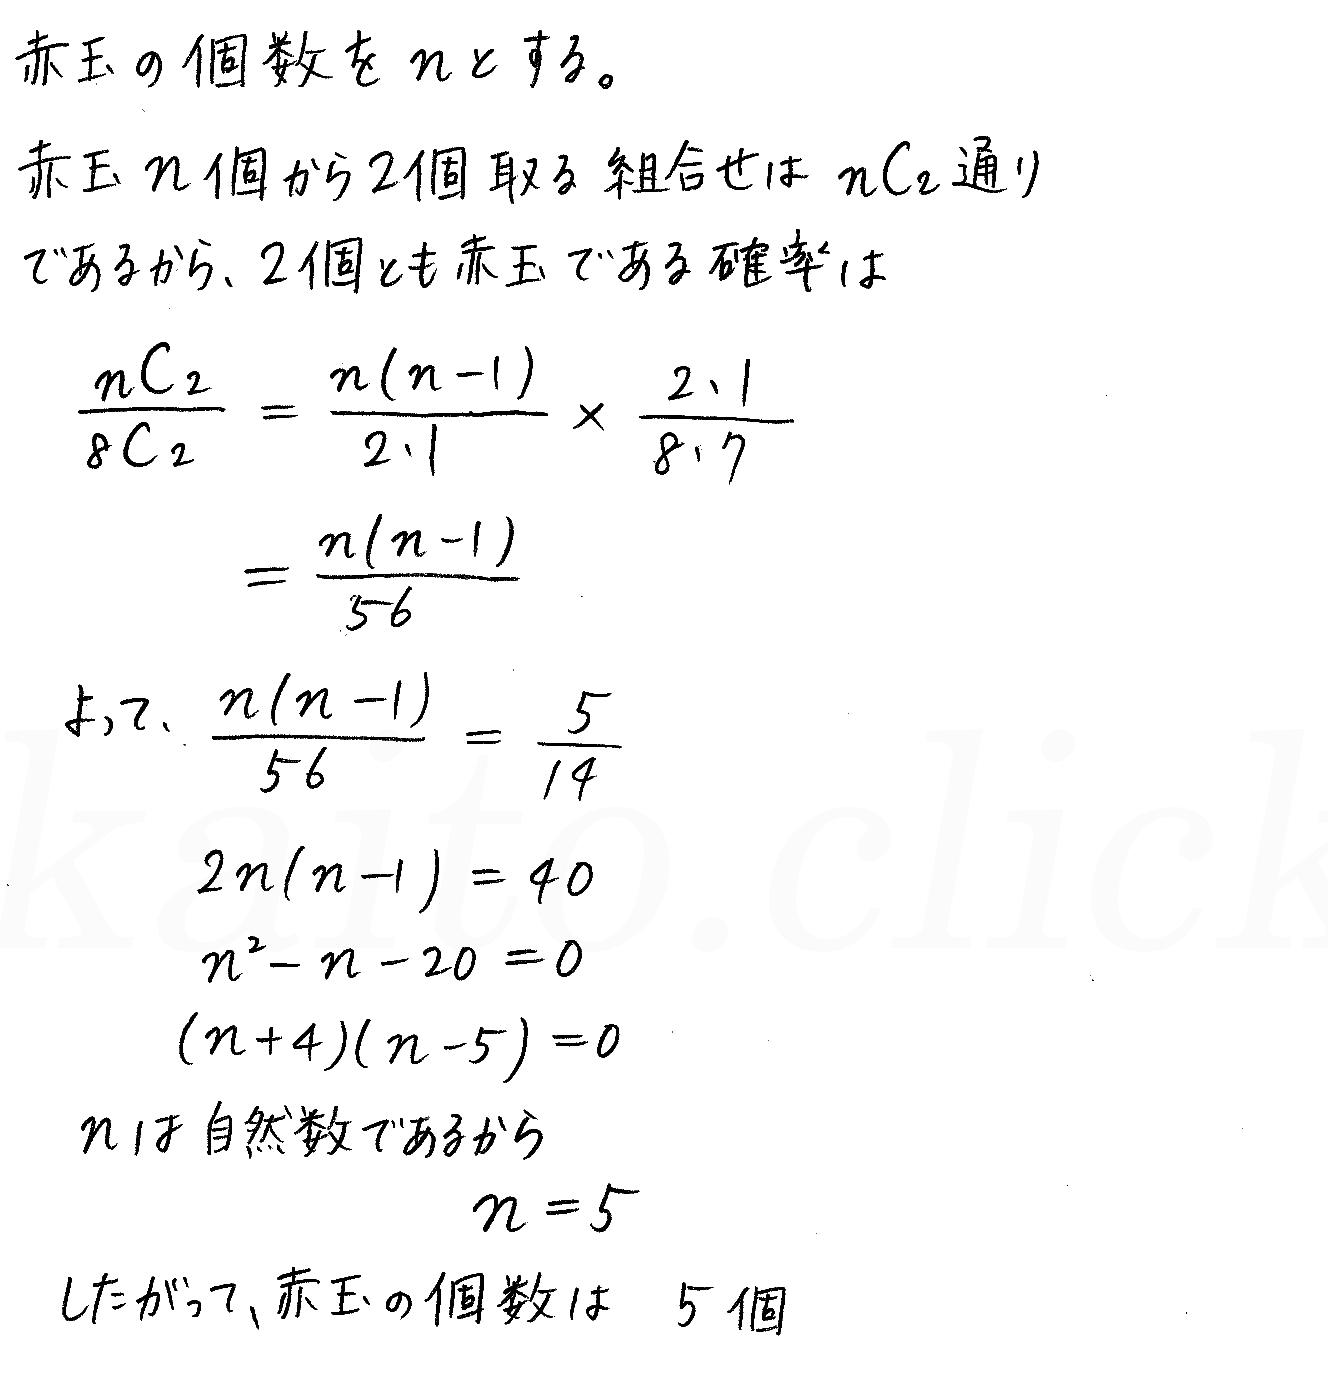 クリアー数学A-89解答